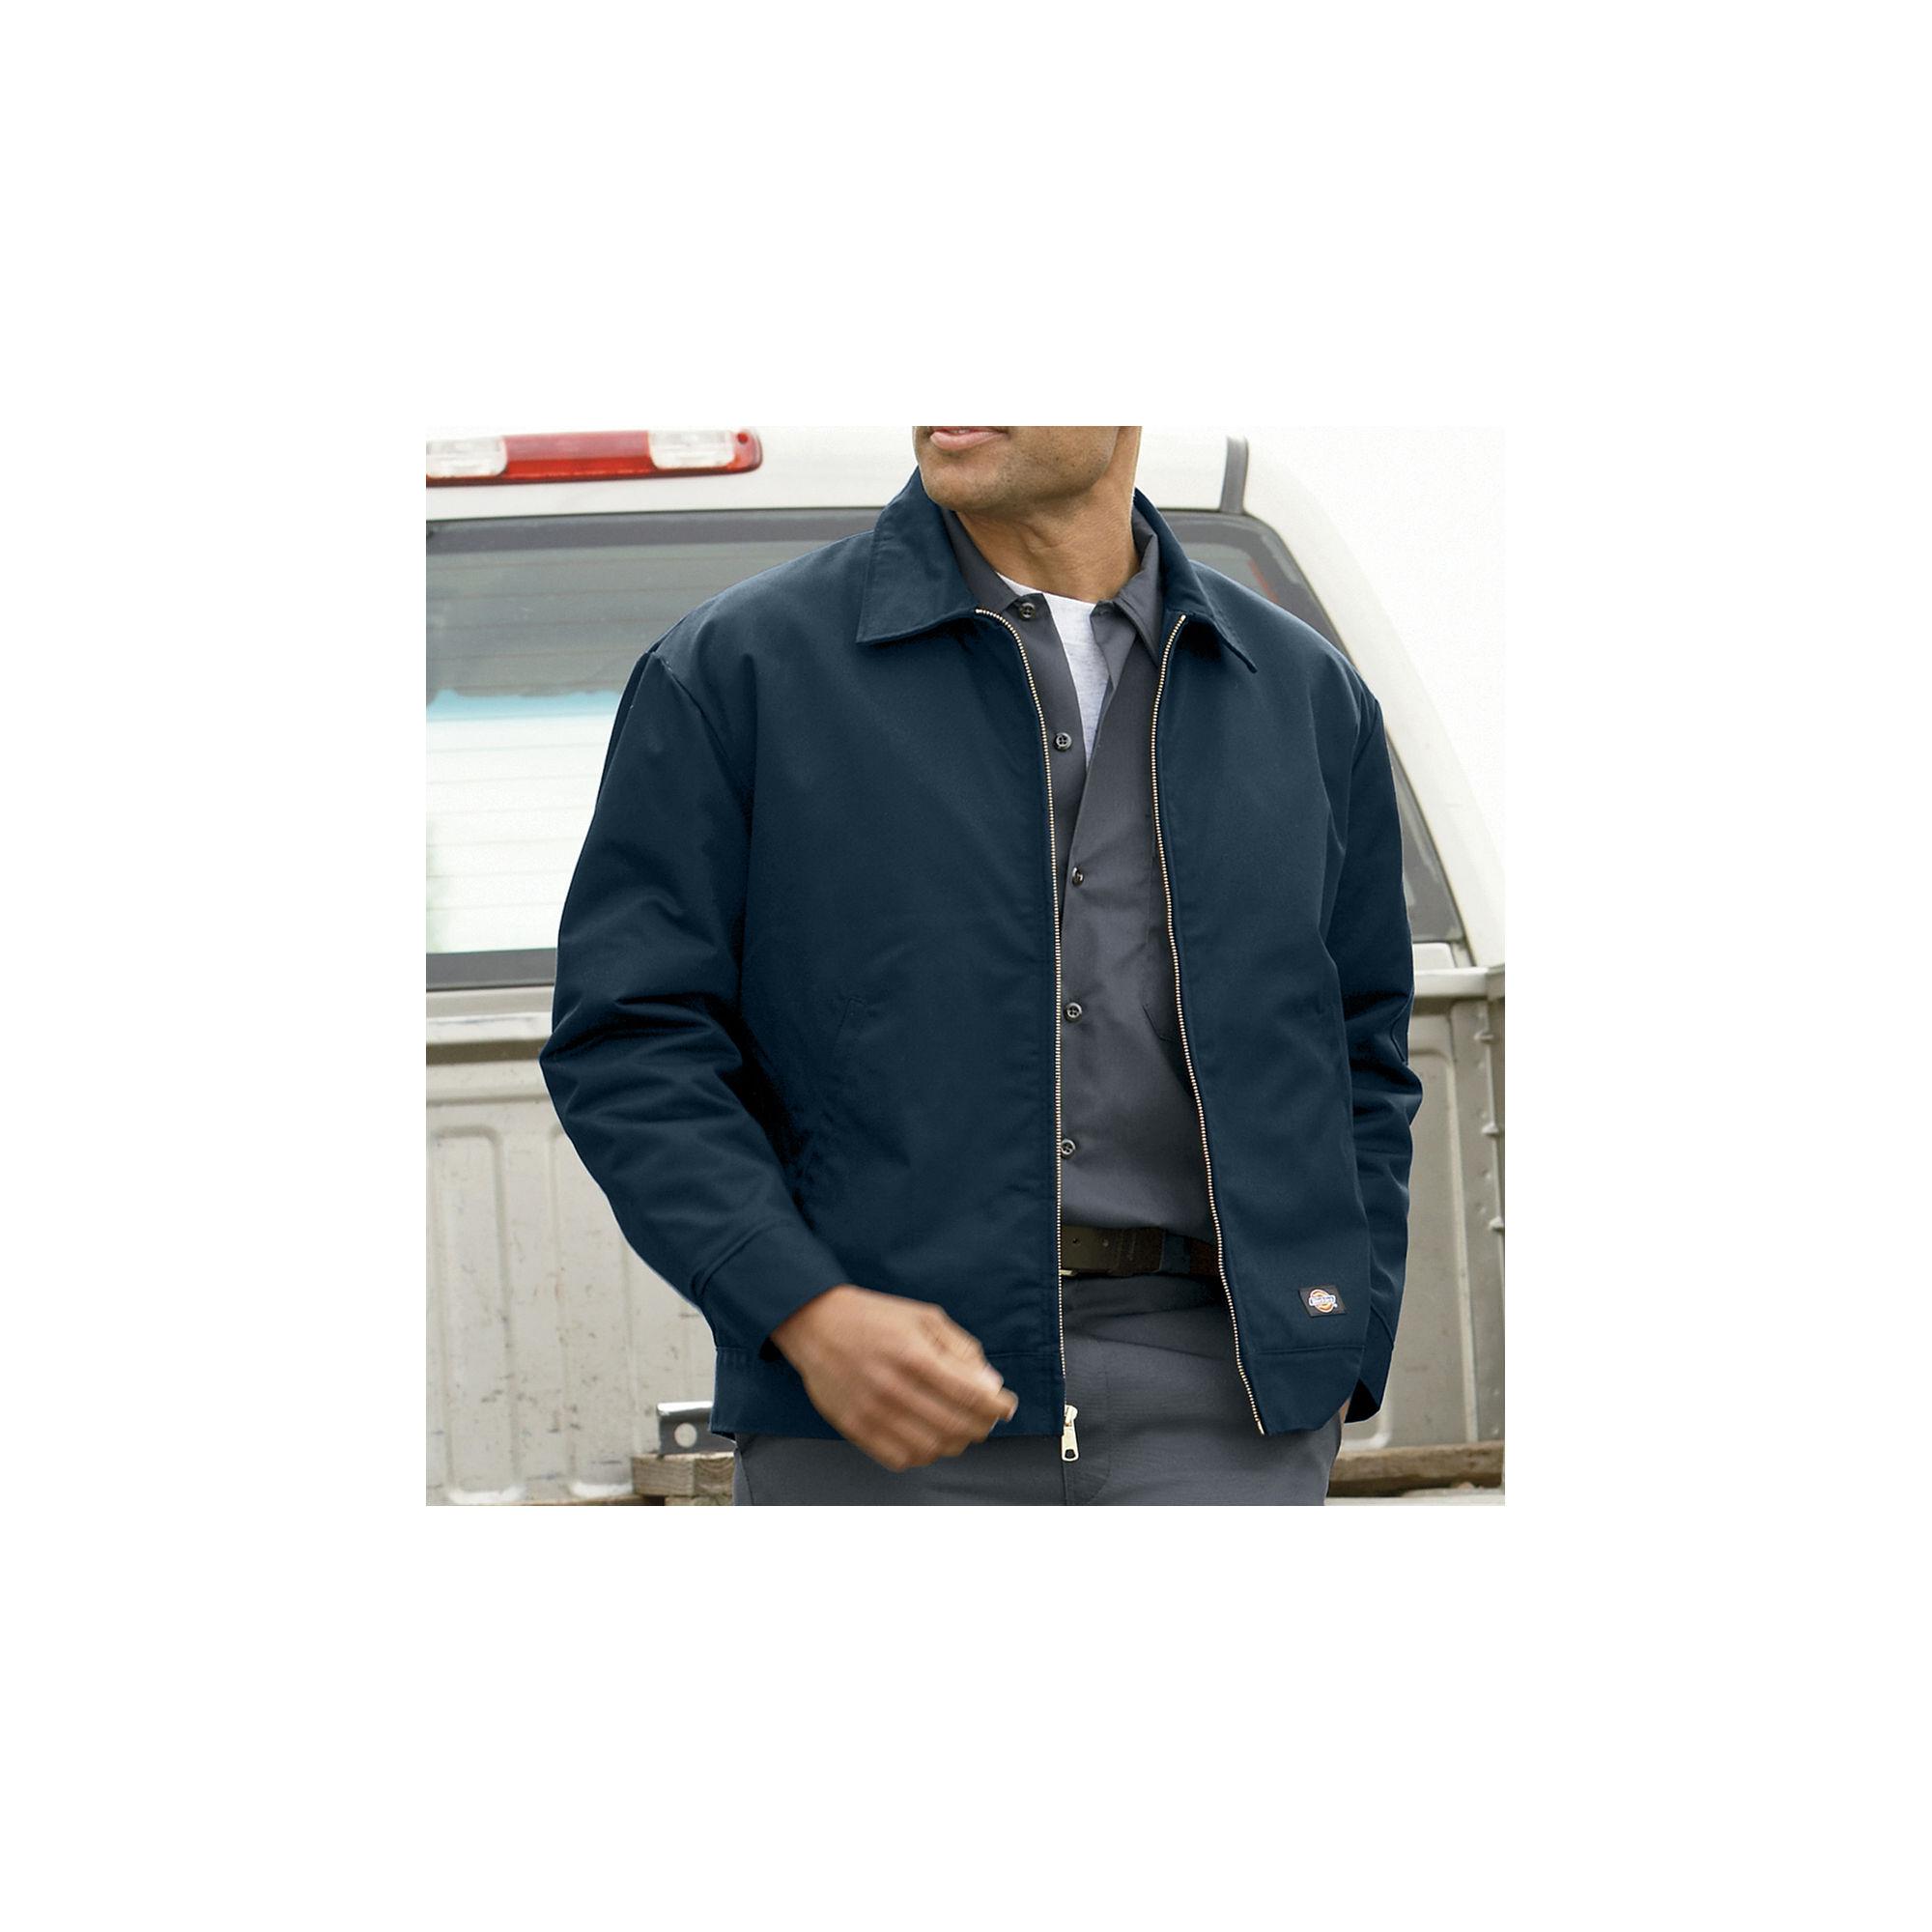 Lightweight Work Jacket - My Jacket